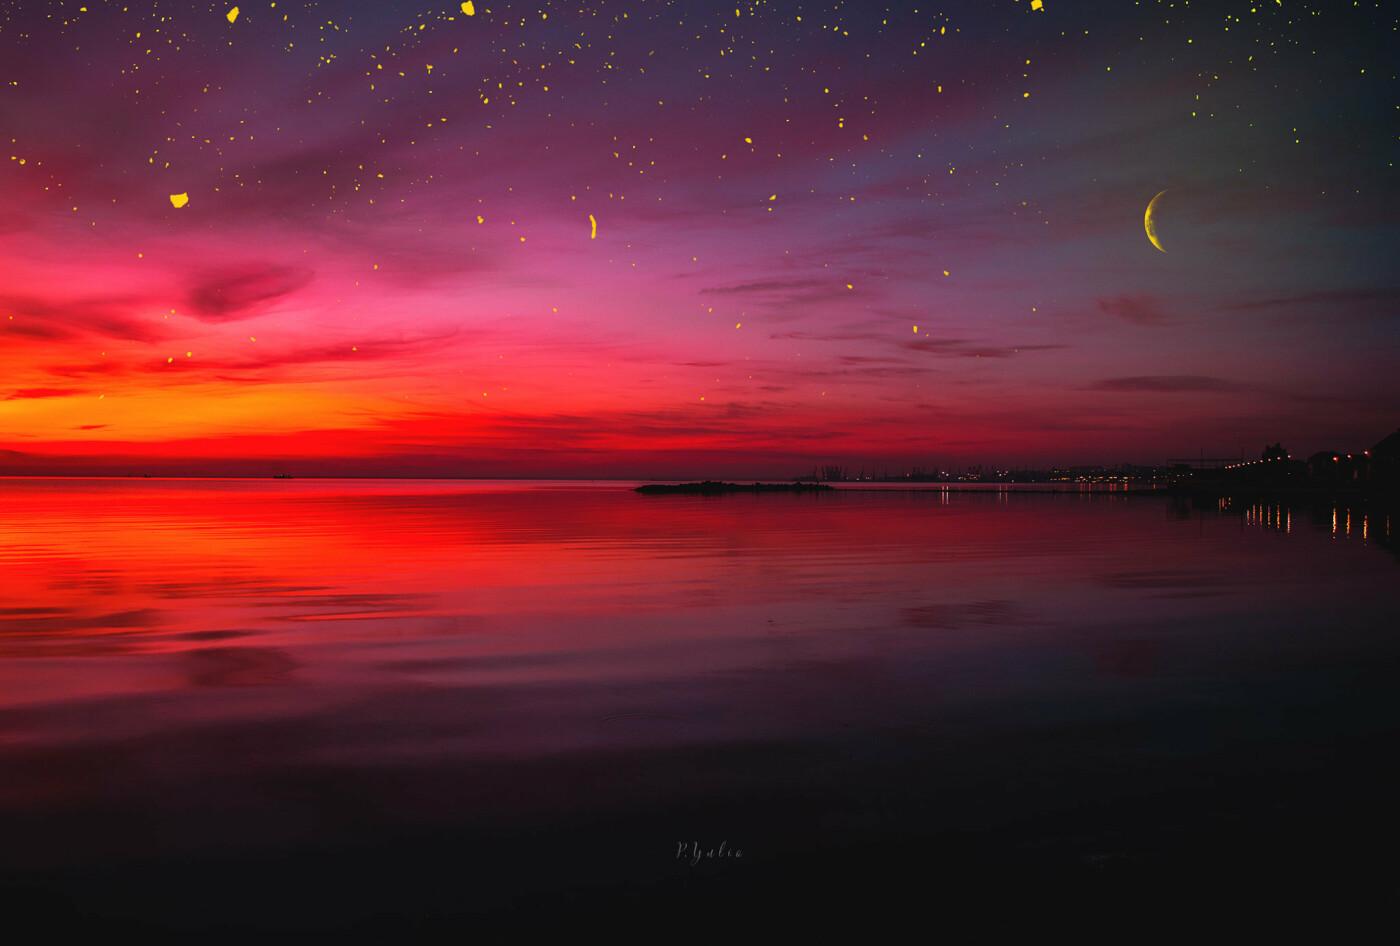 Мудрость от 06153: где красивые закаты, там лучший отдых - ВИДЕО, ФОТО, фото-8, Юлия Покас